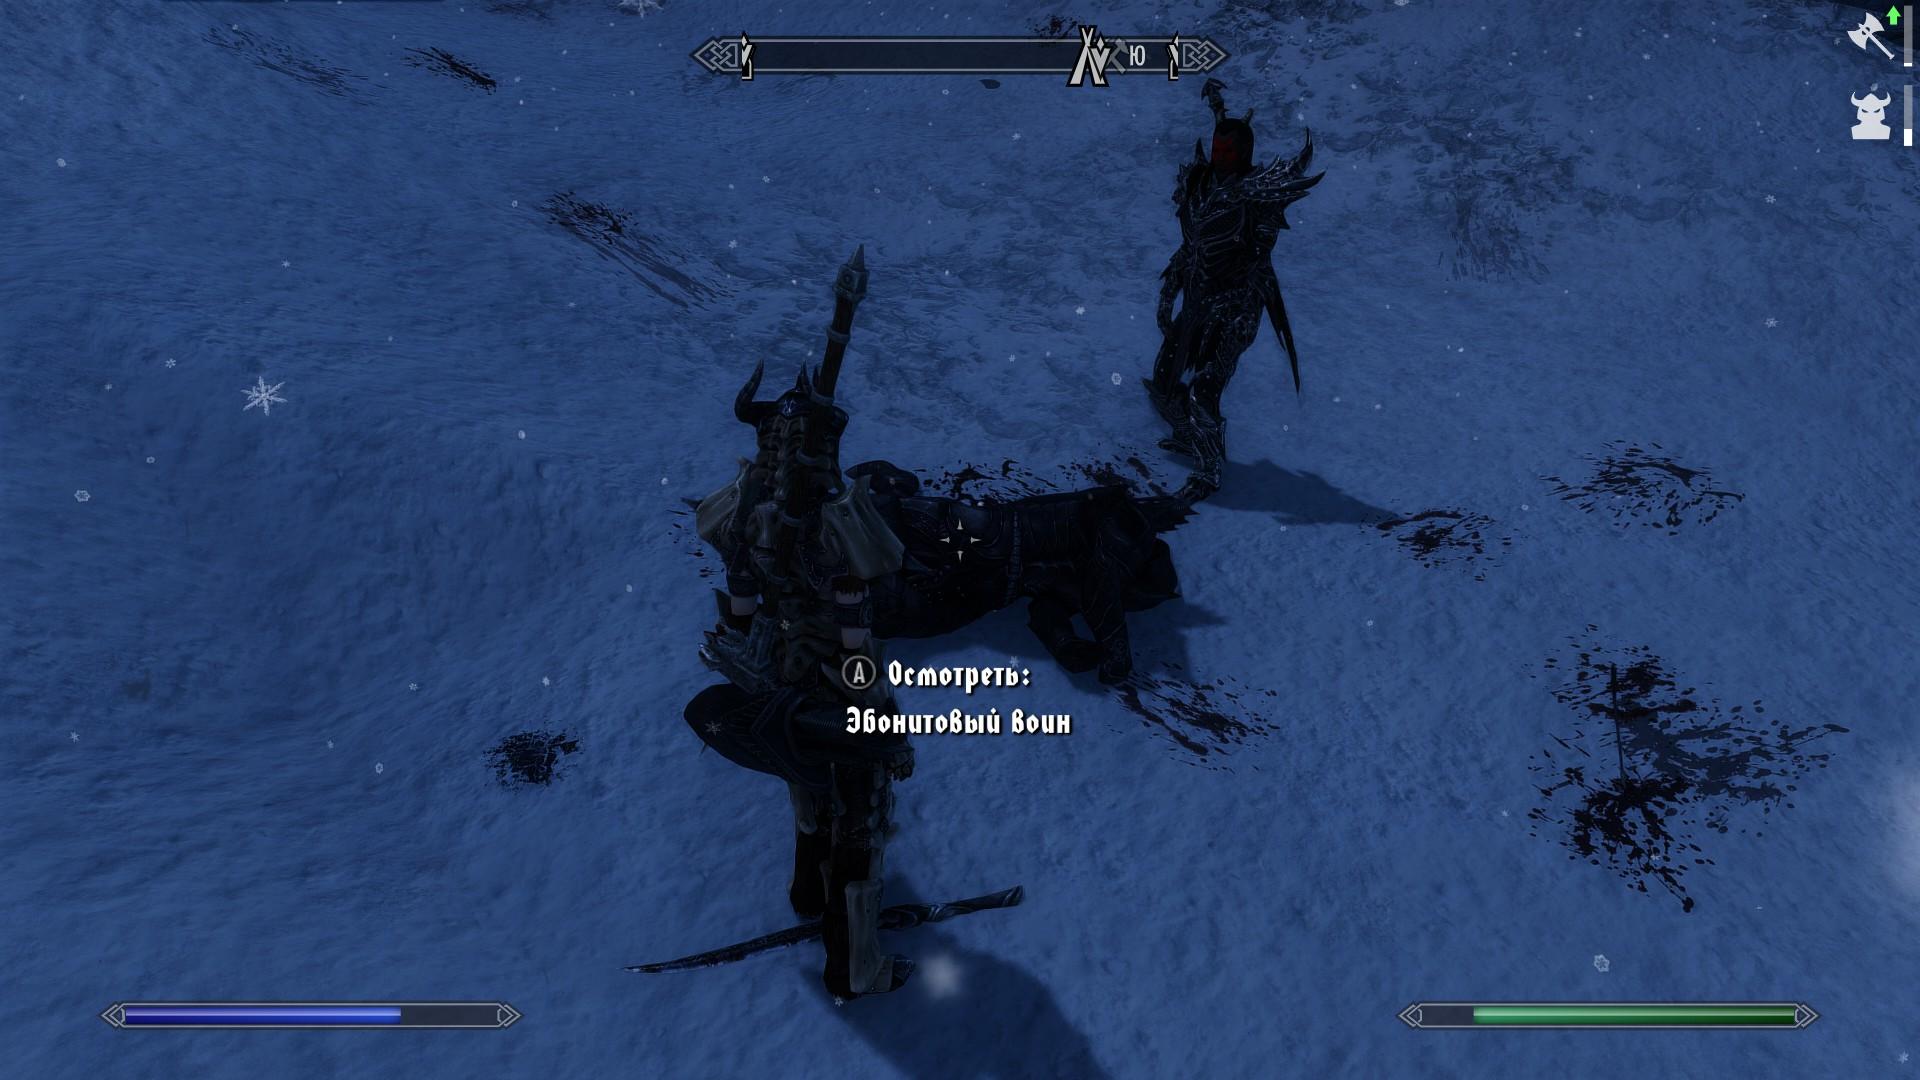 Эбонитовый воин - Elder Scrolls 5: Skyrim, the